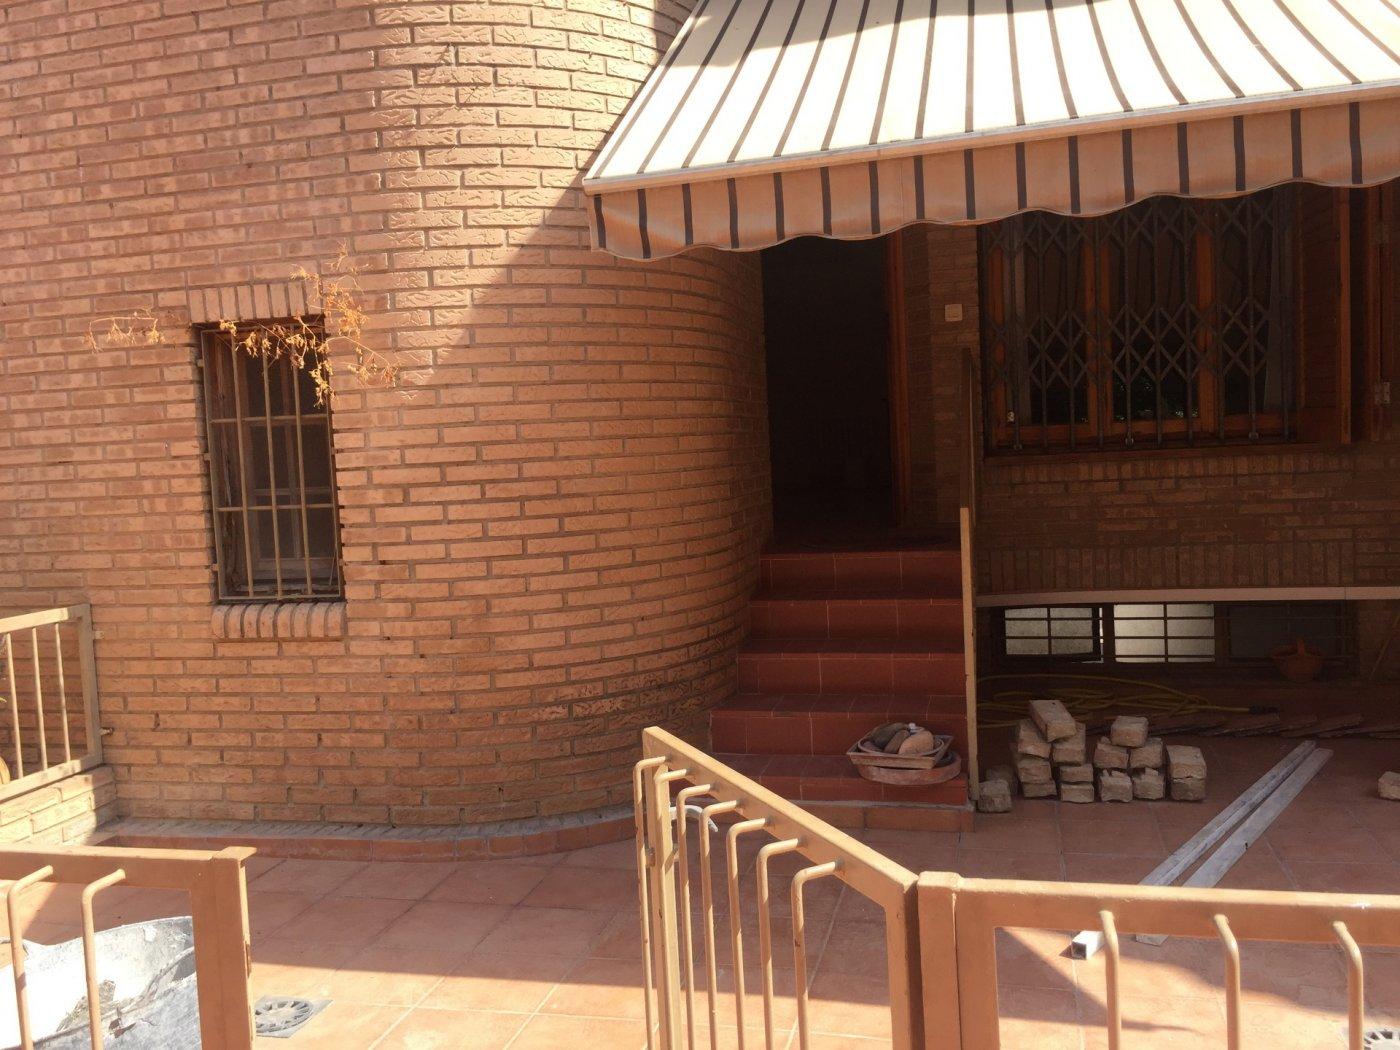 Casa adosado en alfahuir - imagenInmueble3